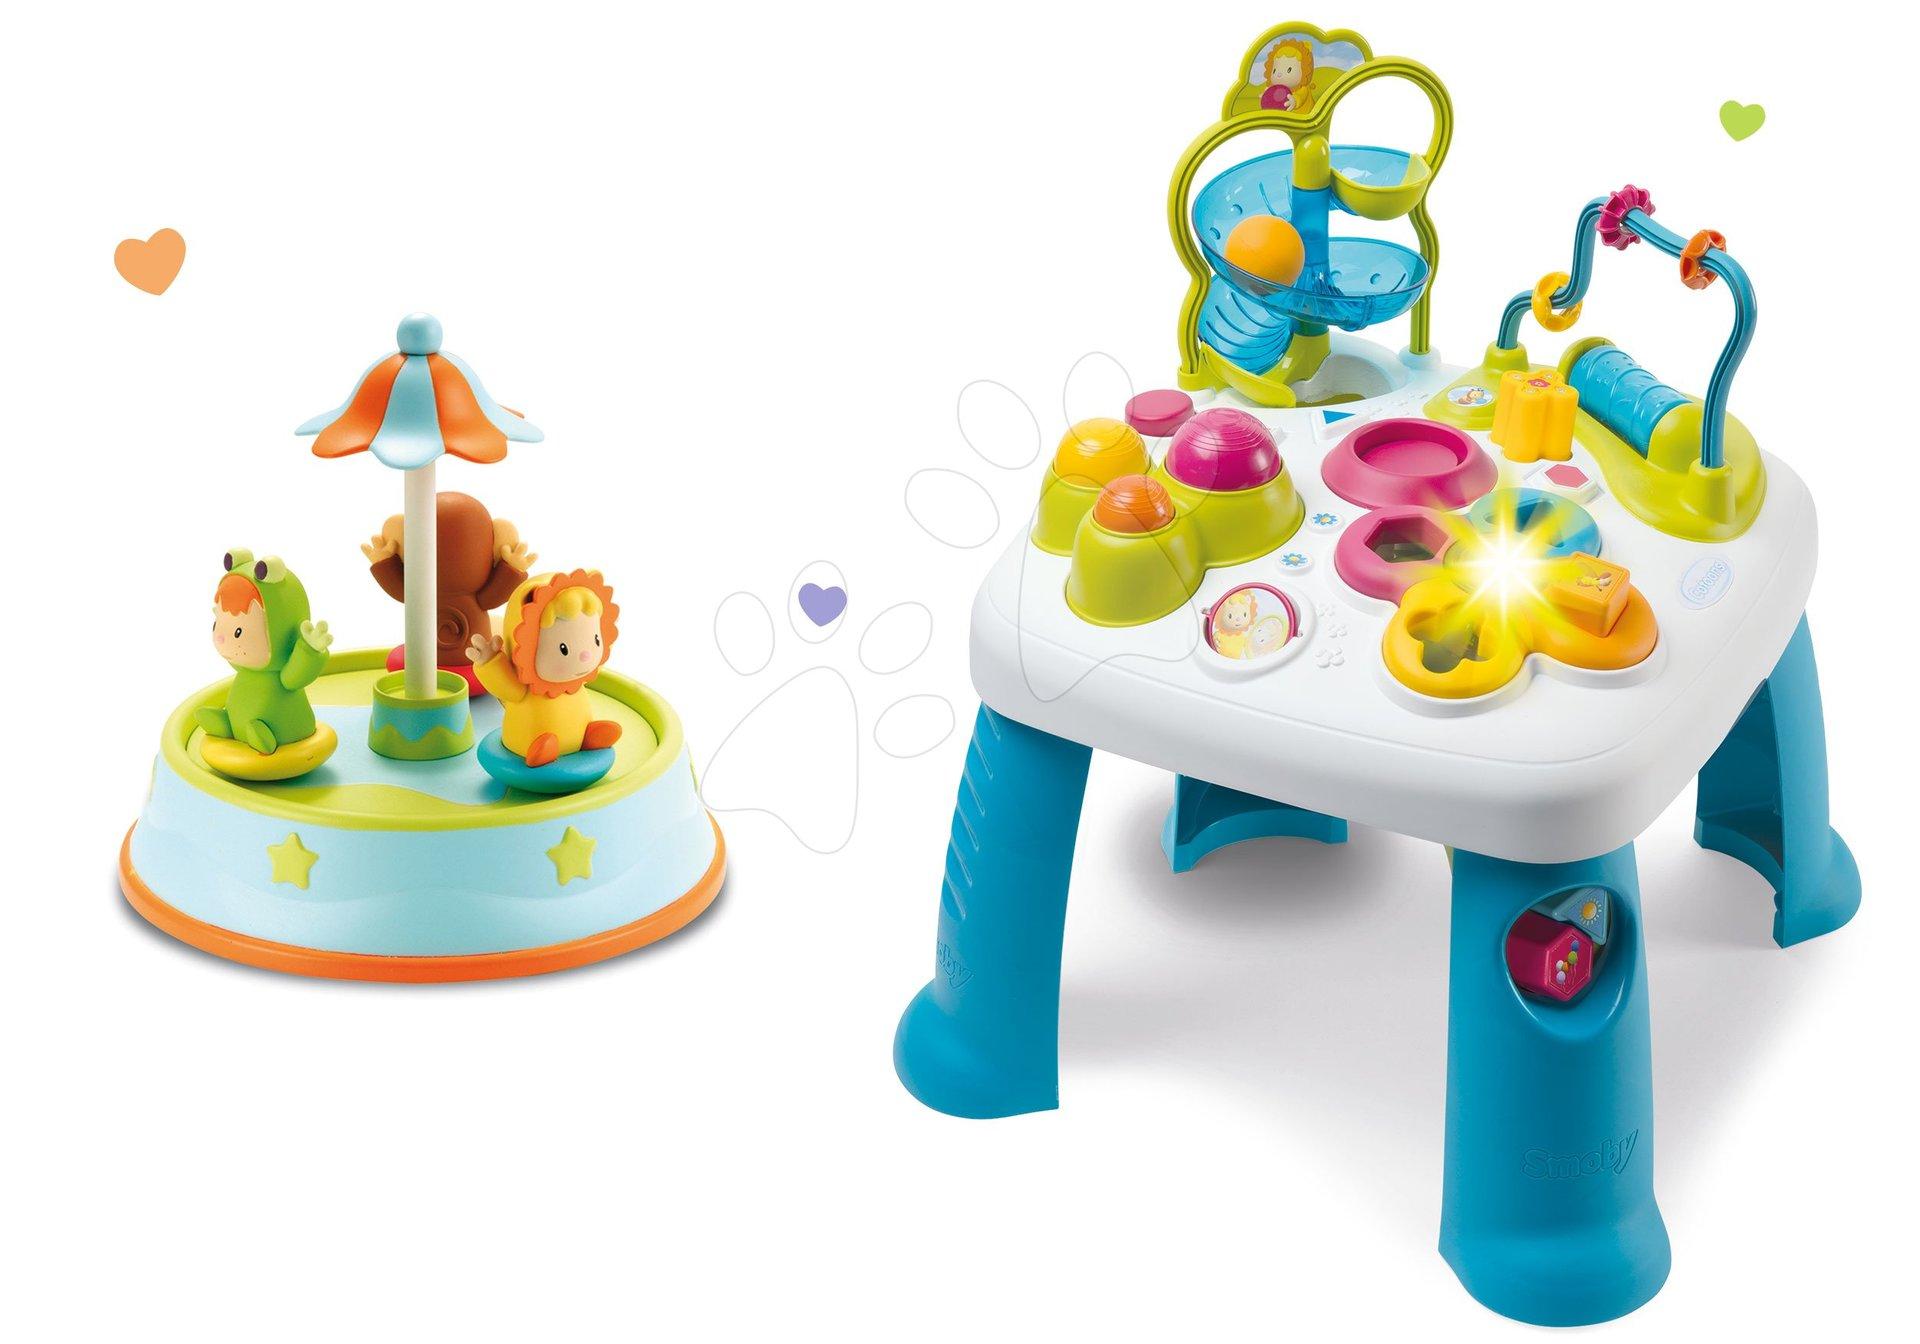 Set didaktický stolík Cotoons Smoby s funkciami ružový a kolotoč s tancujúcimi figúrkami a melódiami